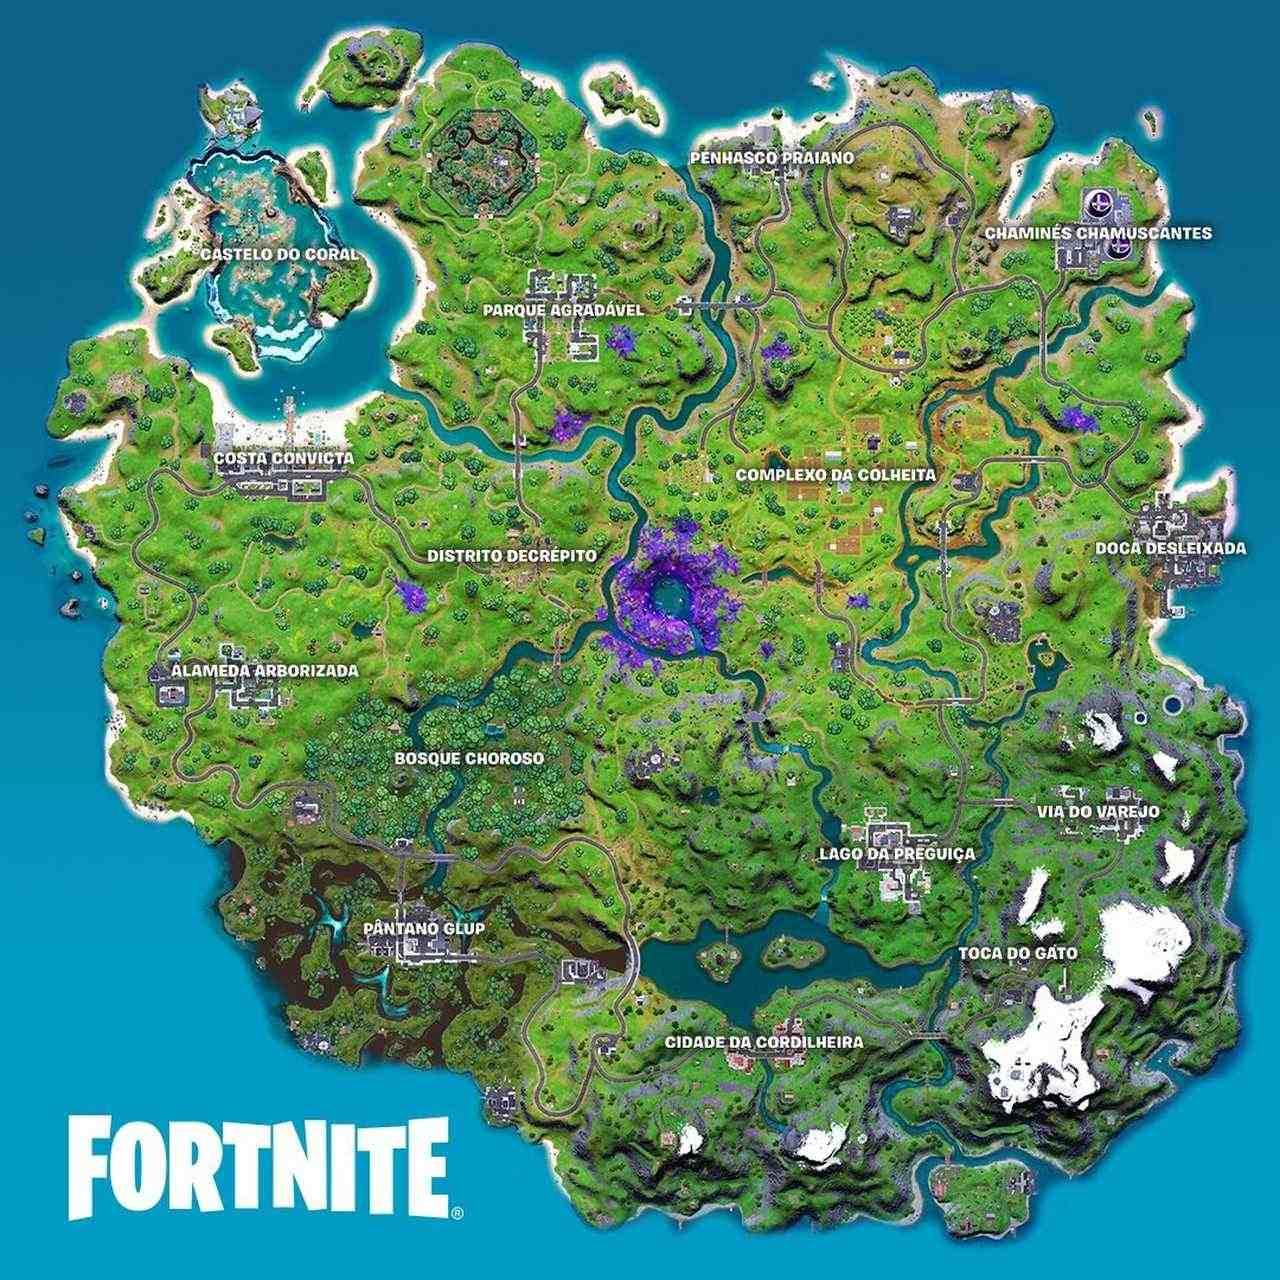 Imagem do mapa da 7ª temporada de Fortnite